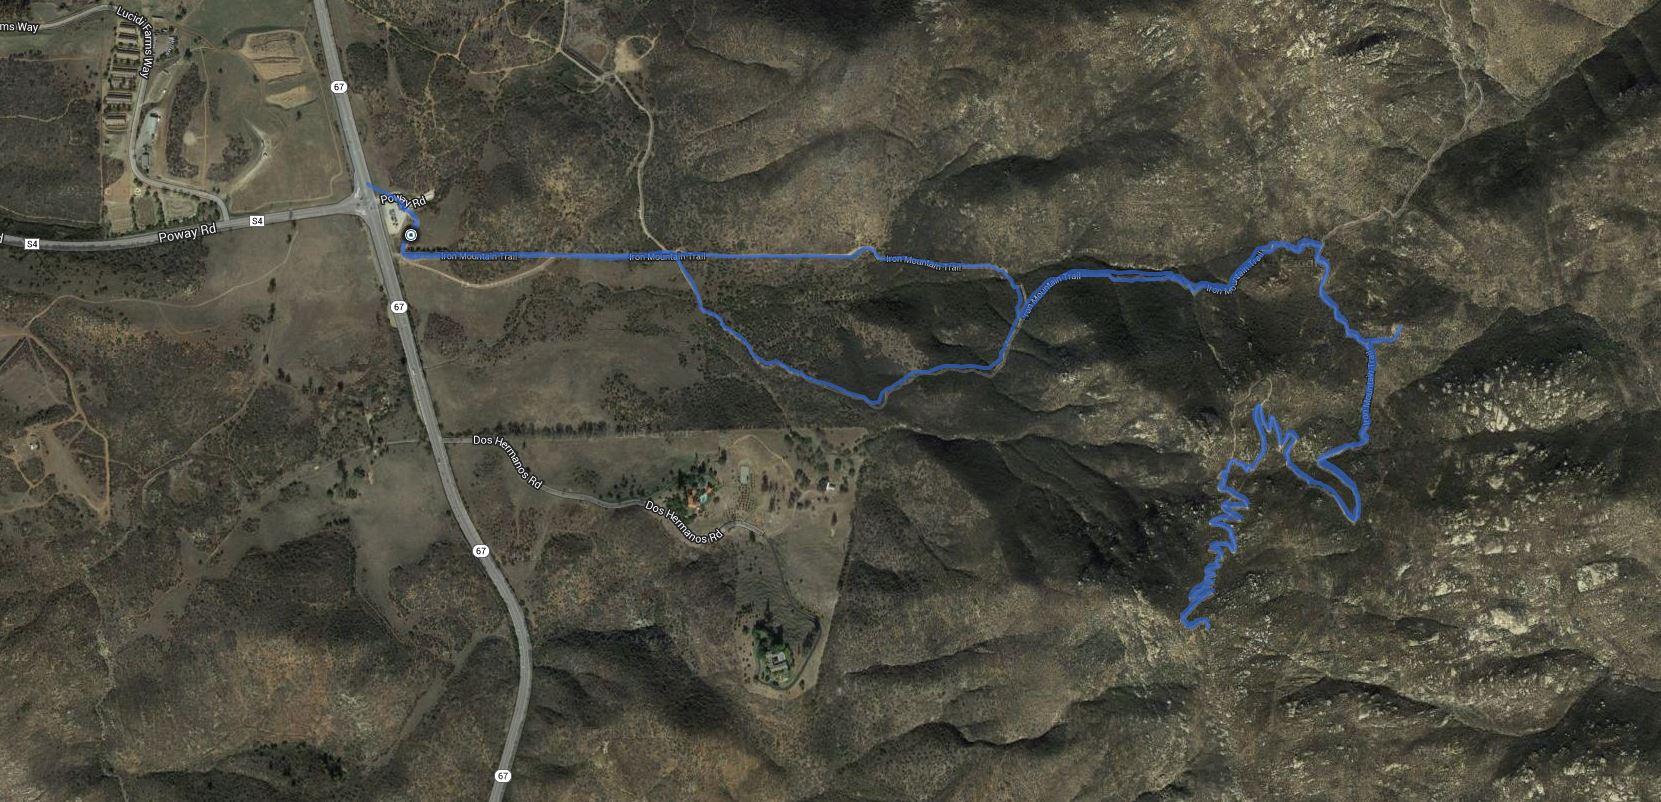 Iron Mountain (Poway) – GPS Track